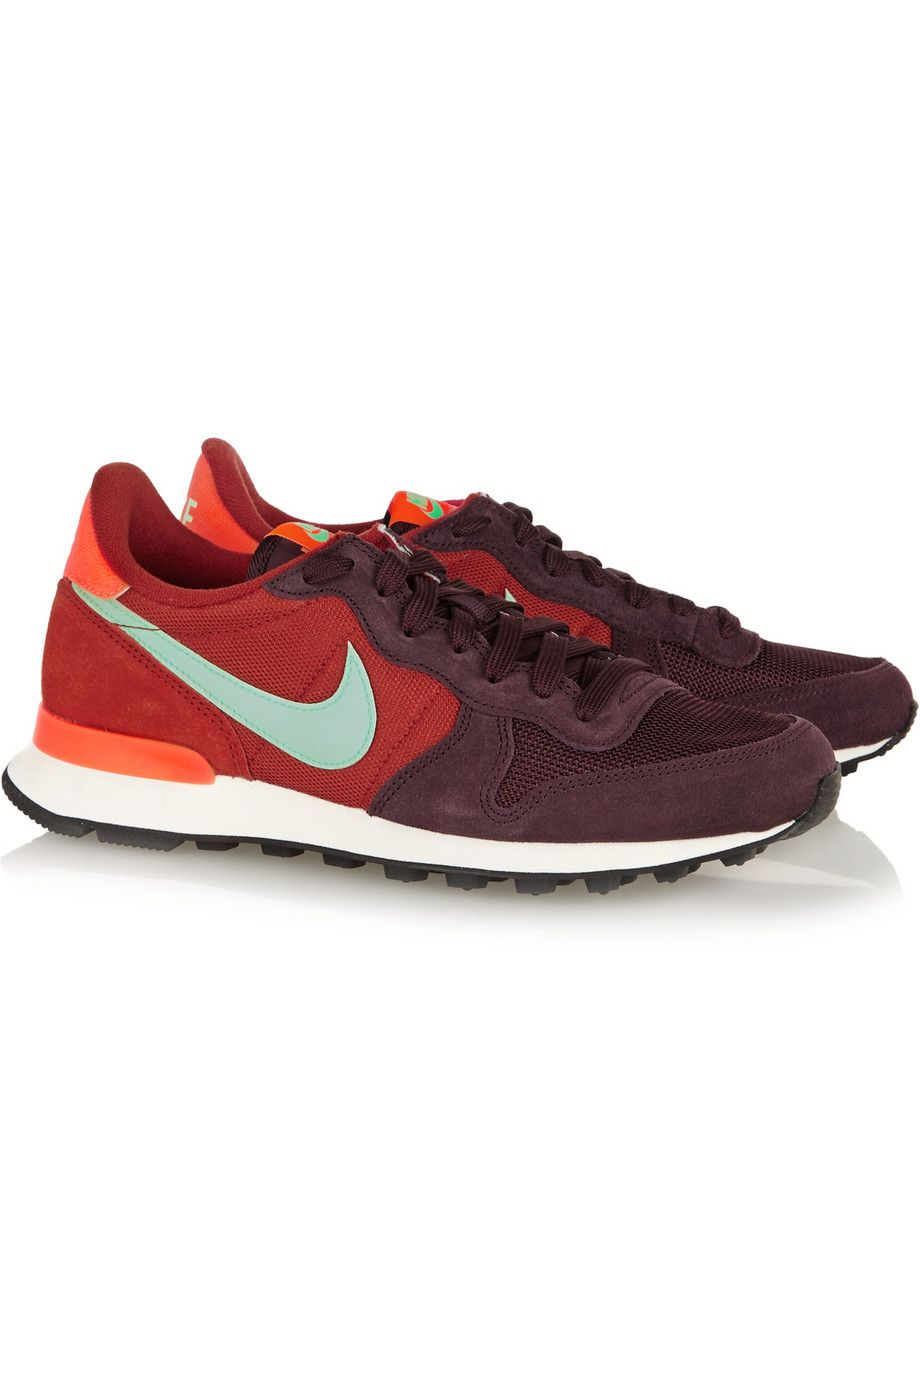 Nike internationalist, Sneakers, Nike